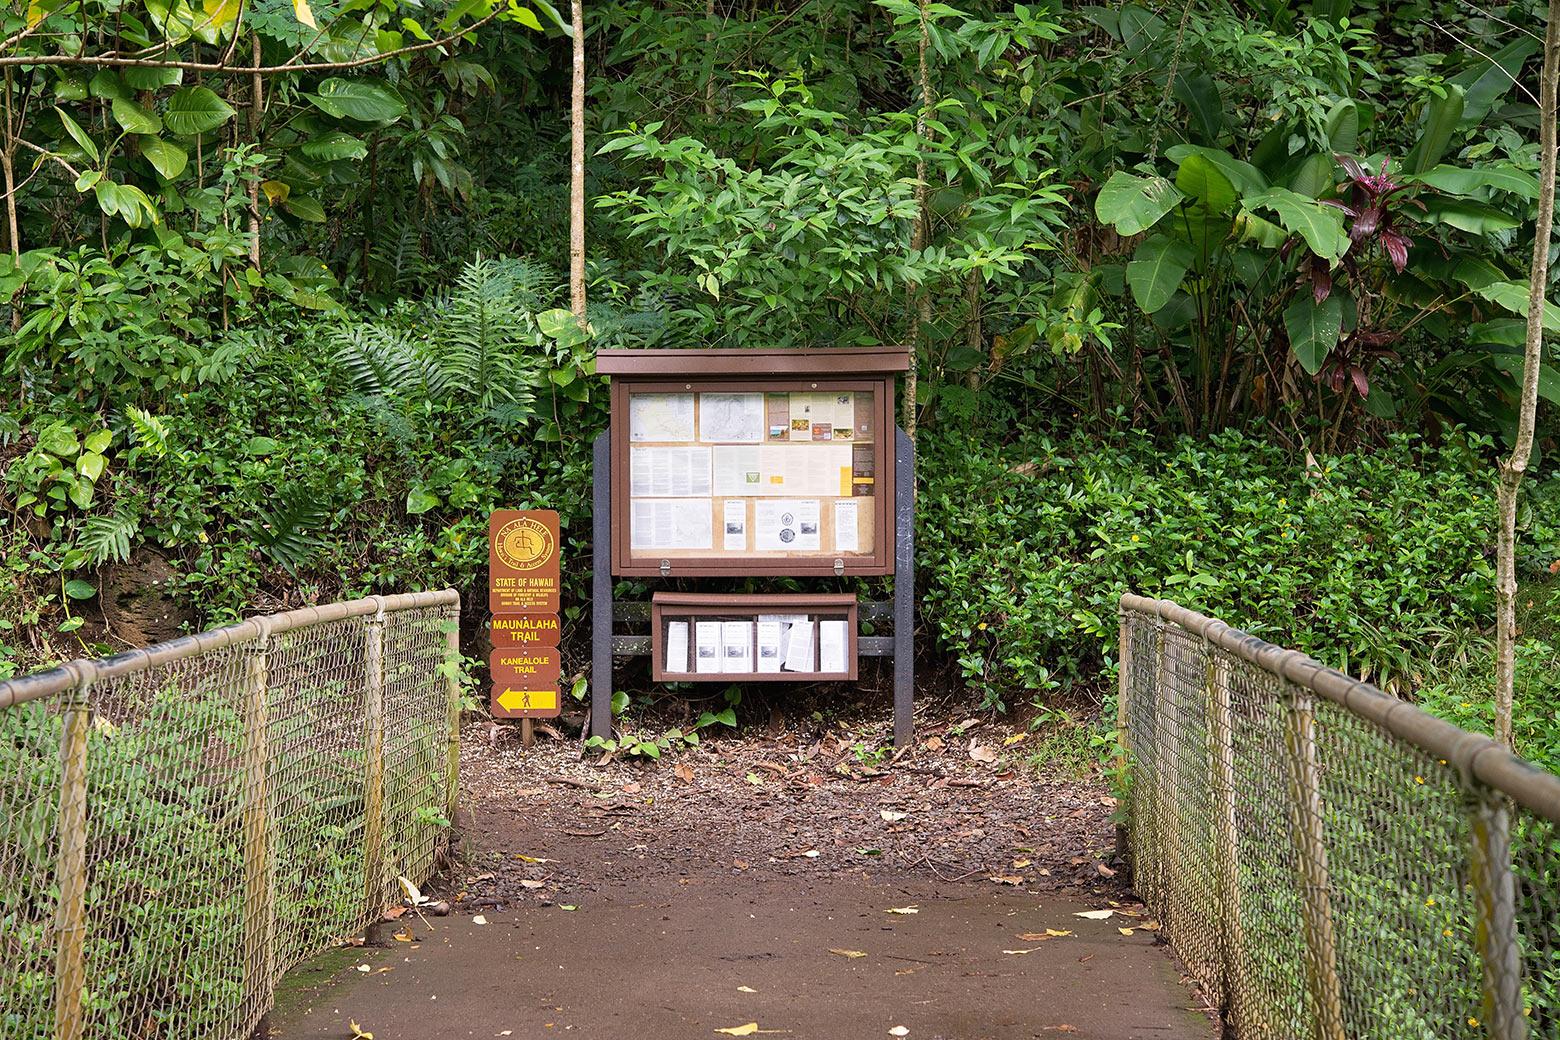 カネアロレ・トレイルとマウナラハ・トレイルの交差点にある標識と掲示板